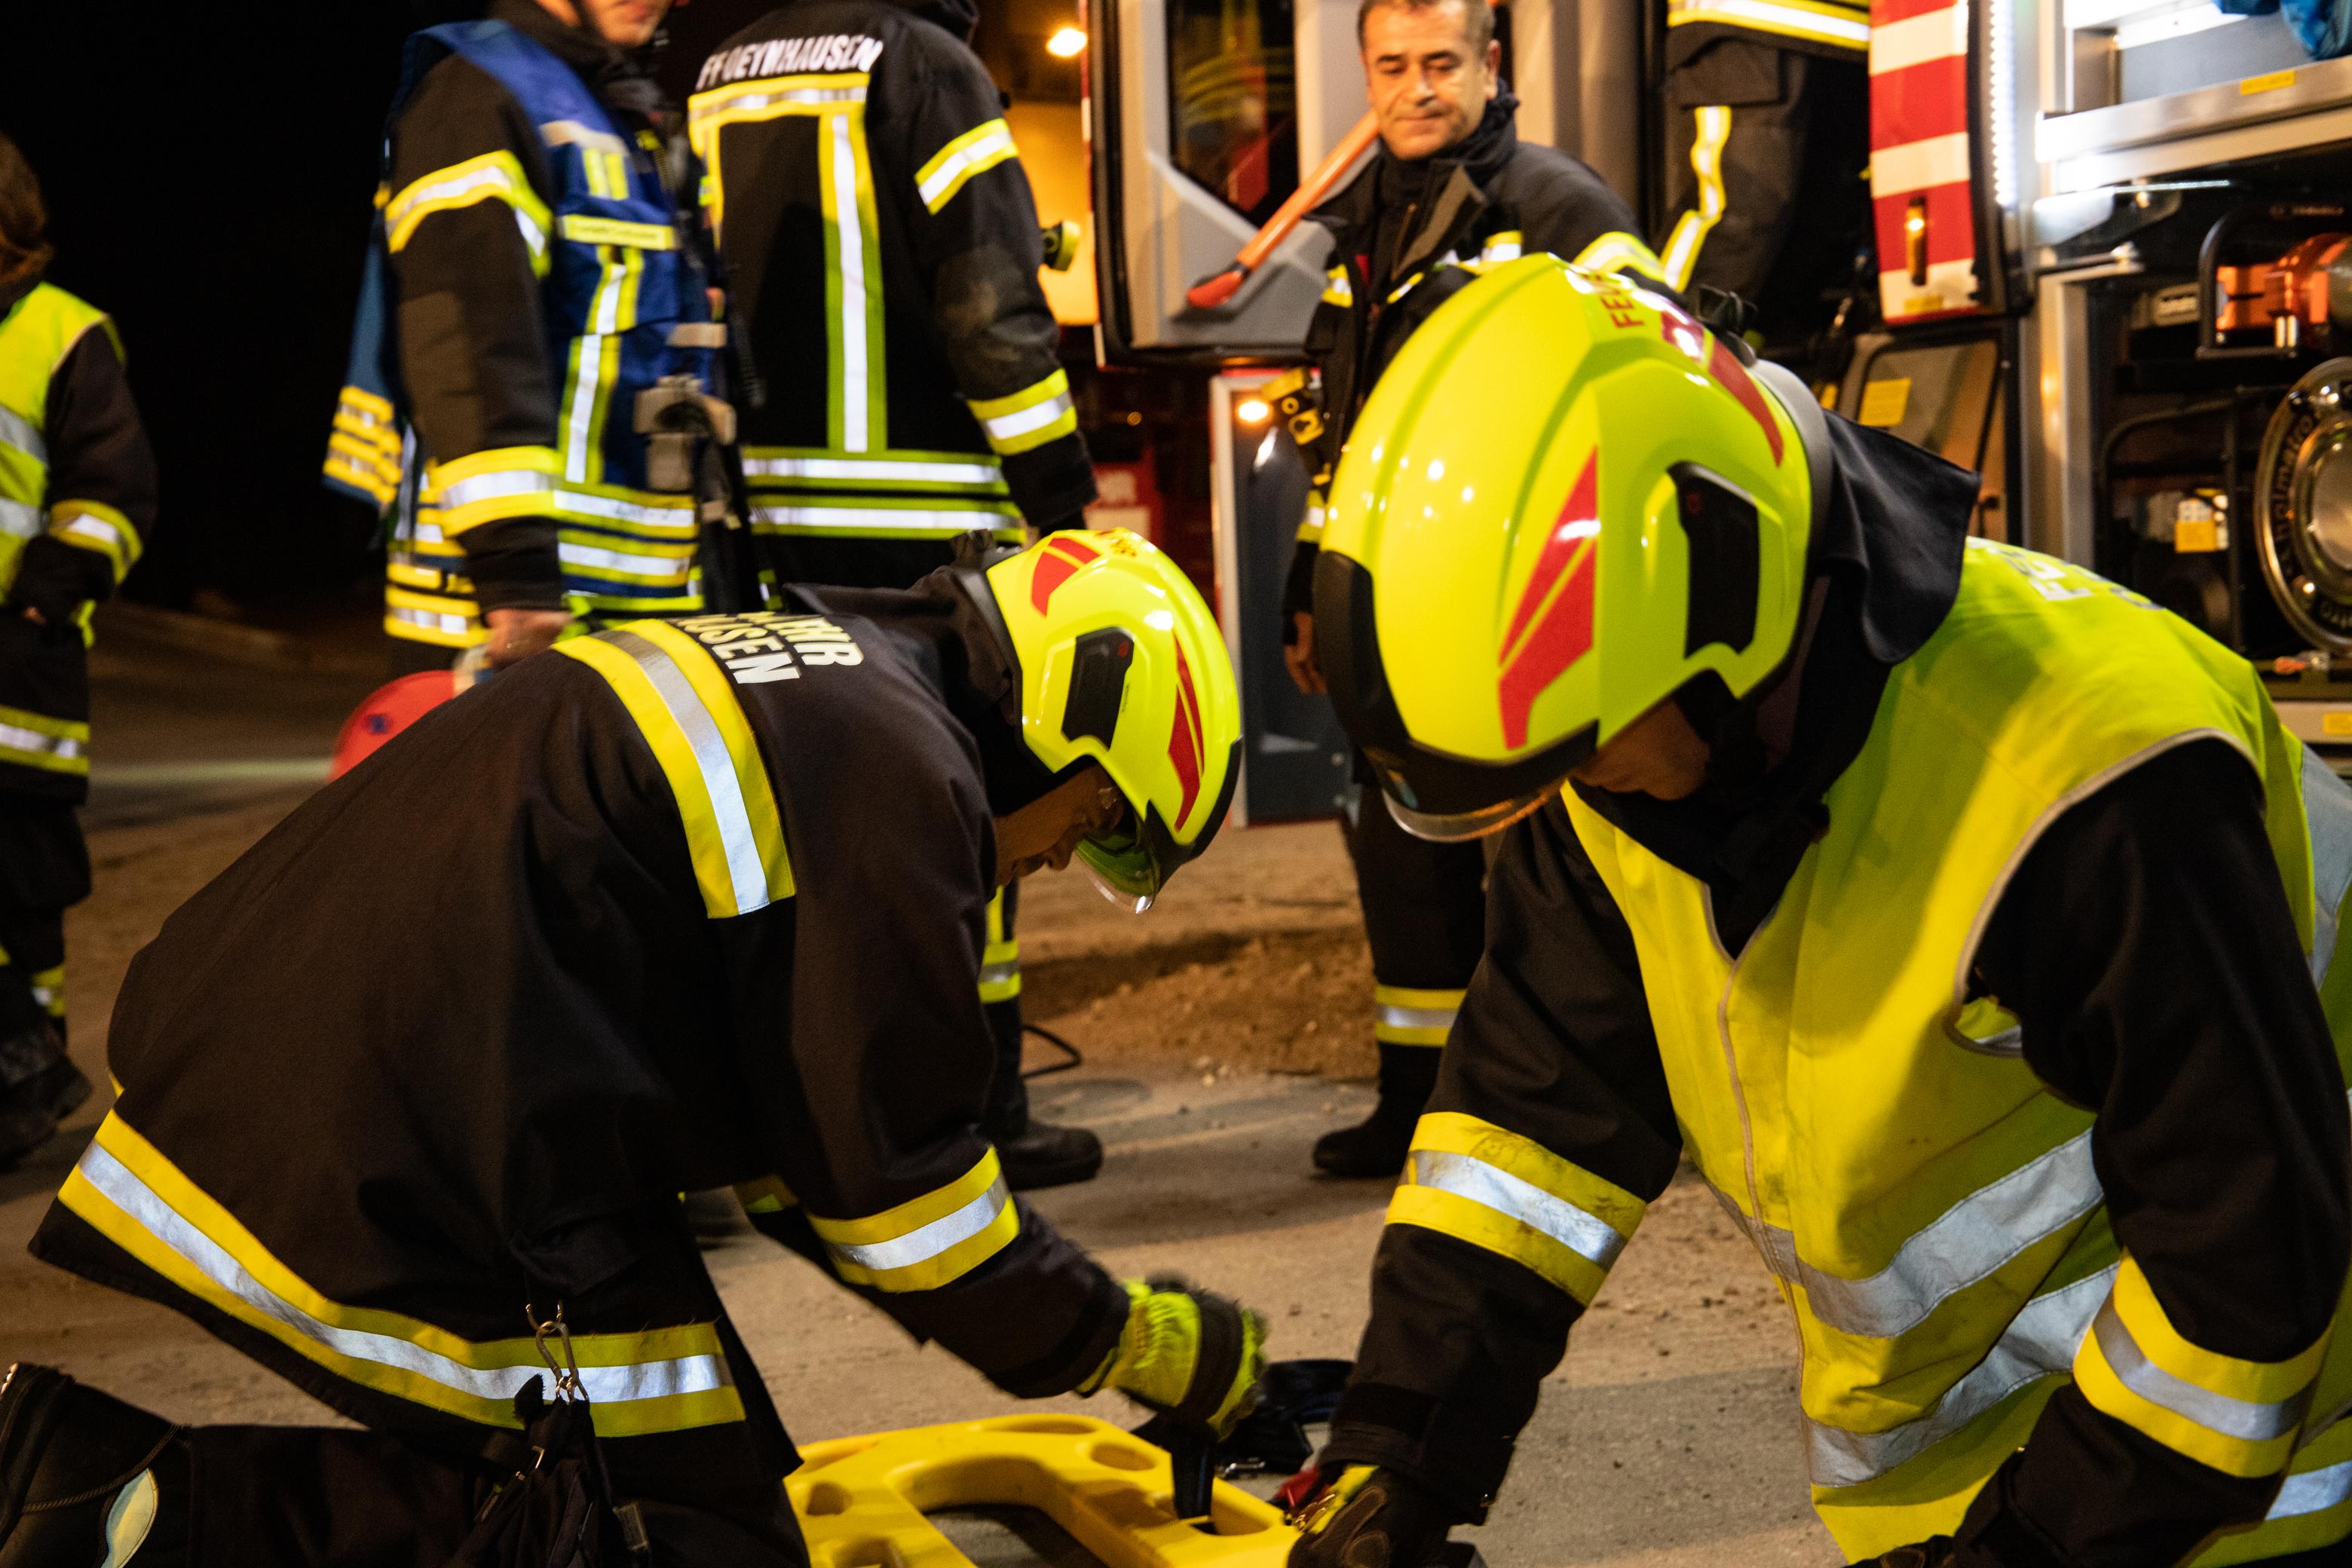 Brandschutzübung_NUA (8 von 23)